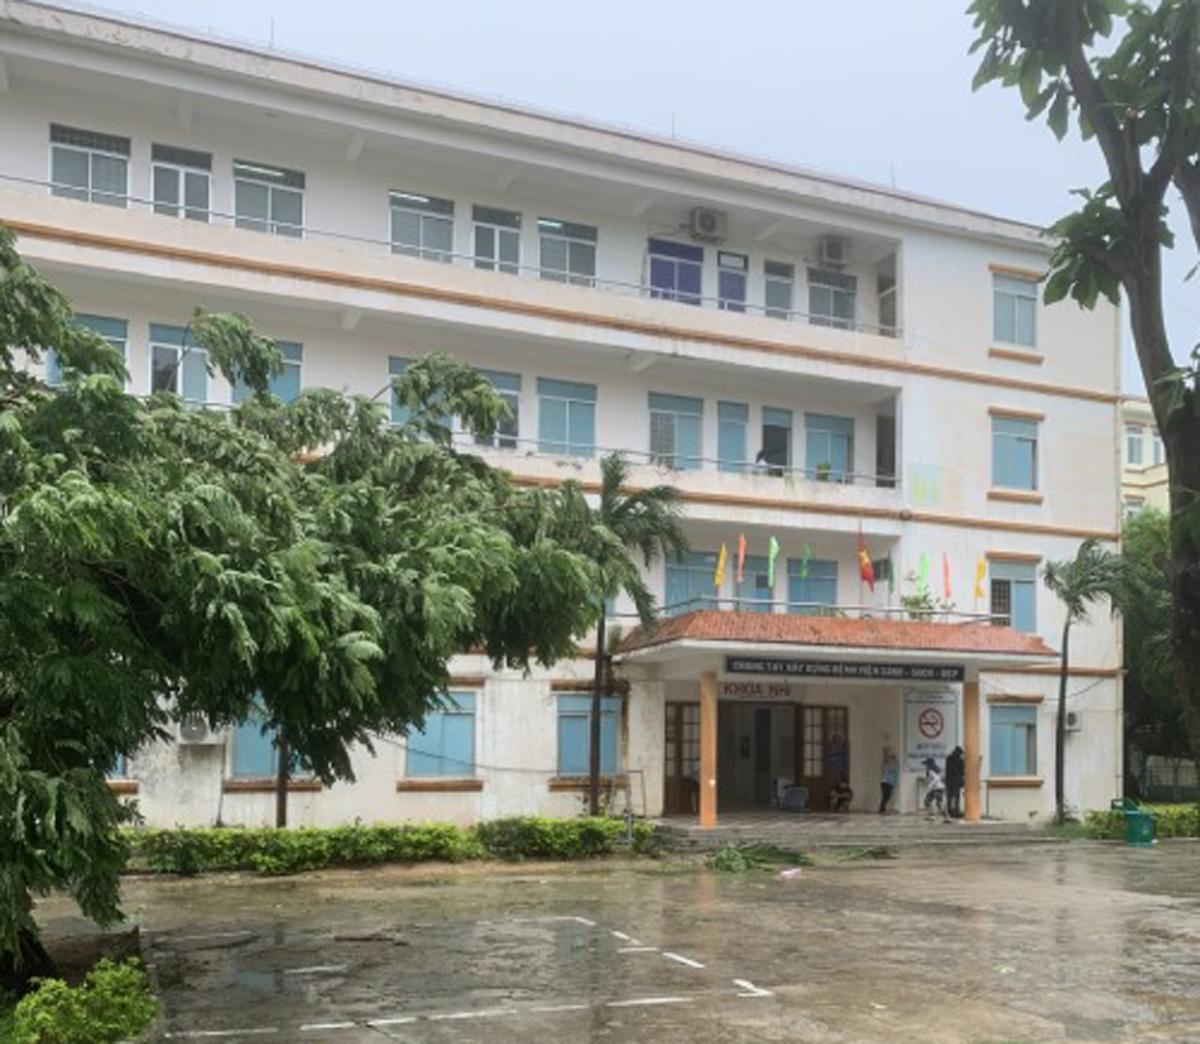 Bệnh viện Đa khoa tỉnh Bình Định trong gió bão Molave, sáng 28/10. Ảnh do bác sĩ cung cấp.